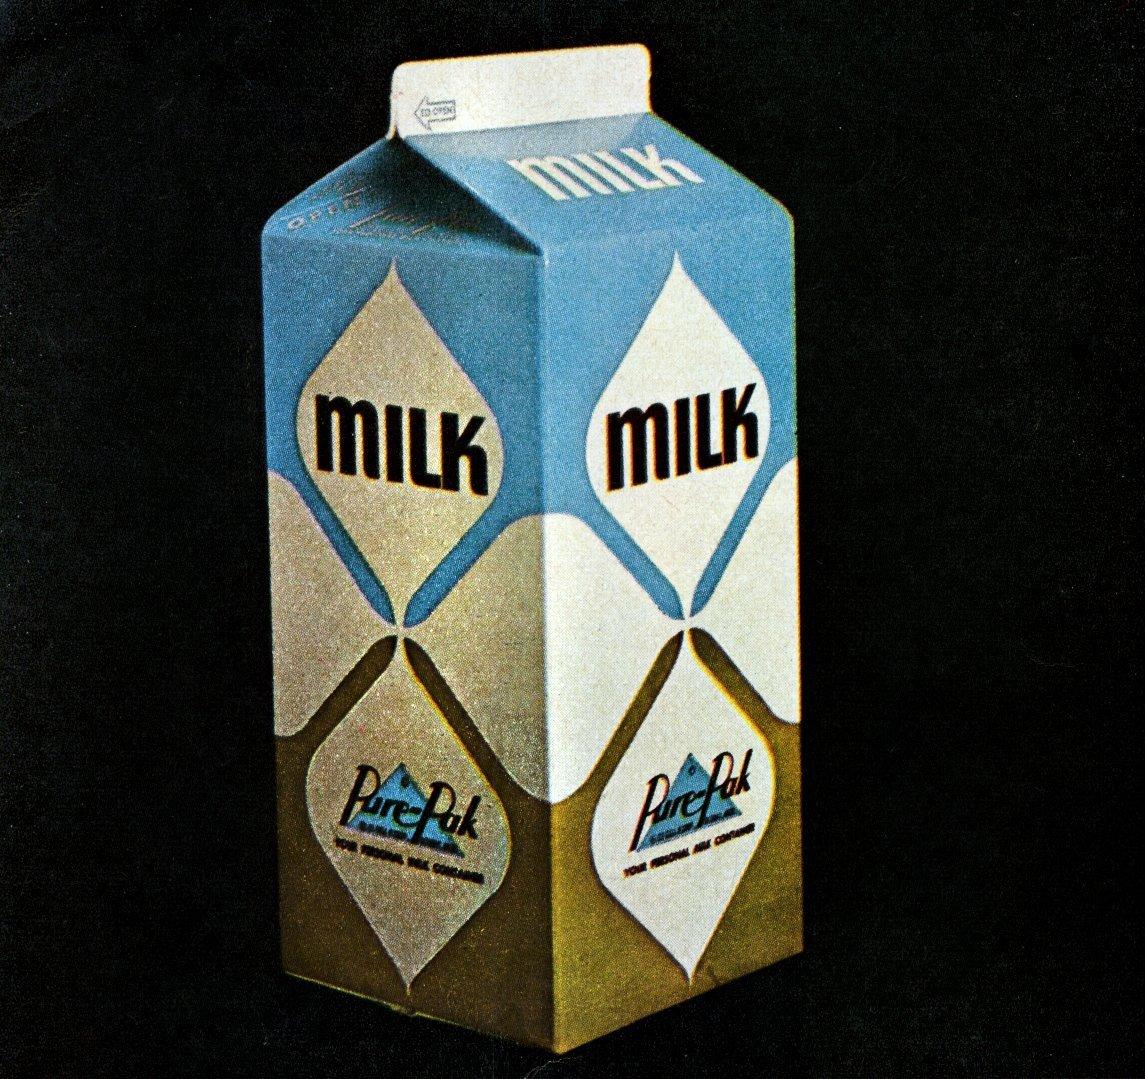 DIY Milk carton candle how-to